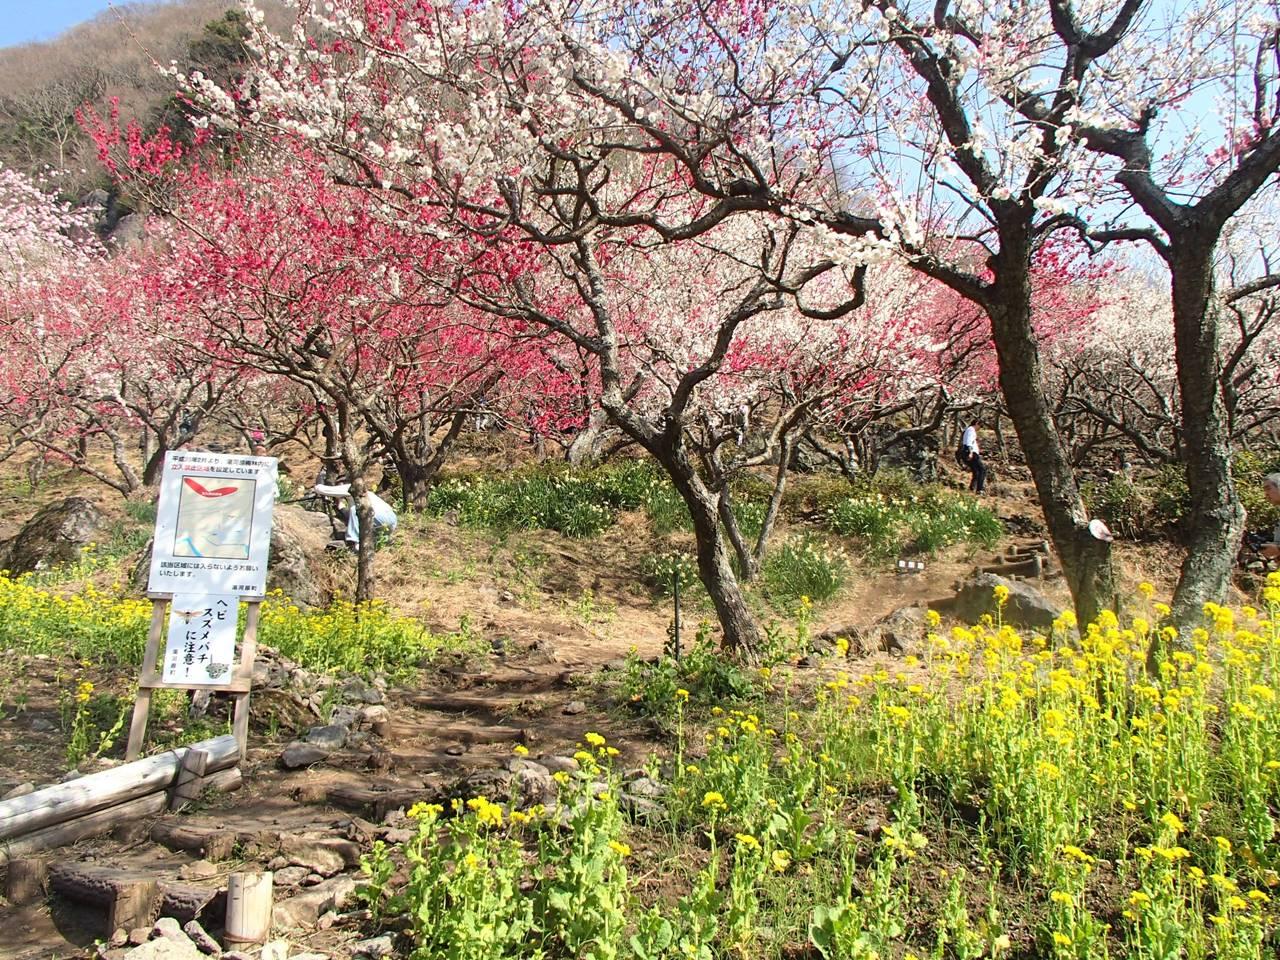 【丹沢】幕山・湯河原梅林 満開の梅の花と大展望を望む春の登山